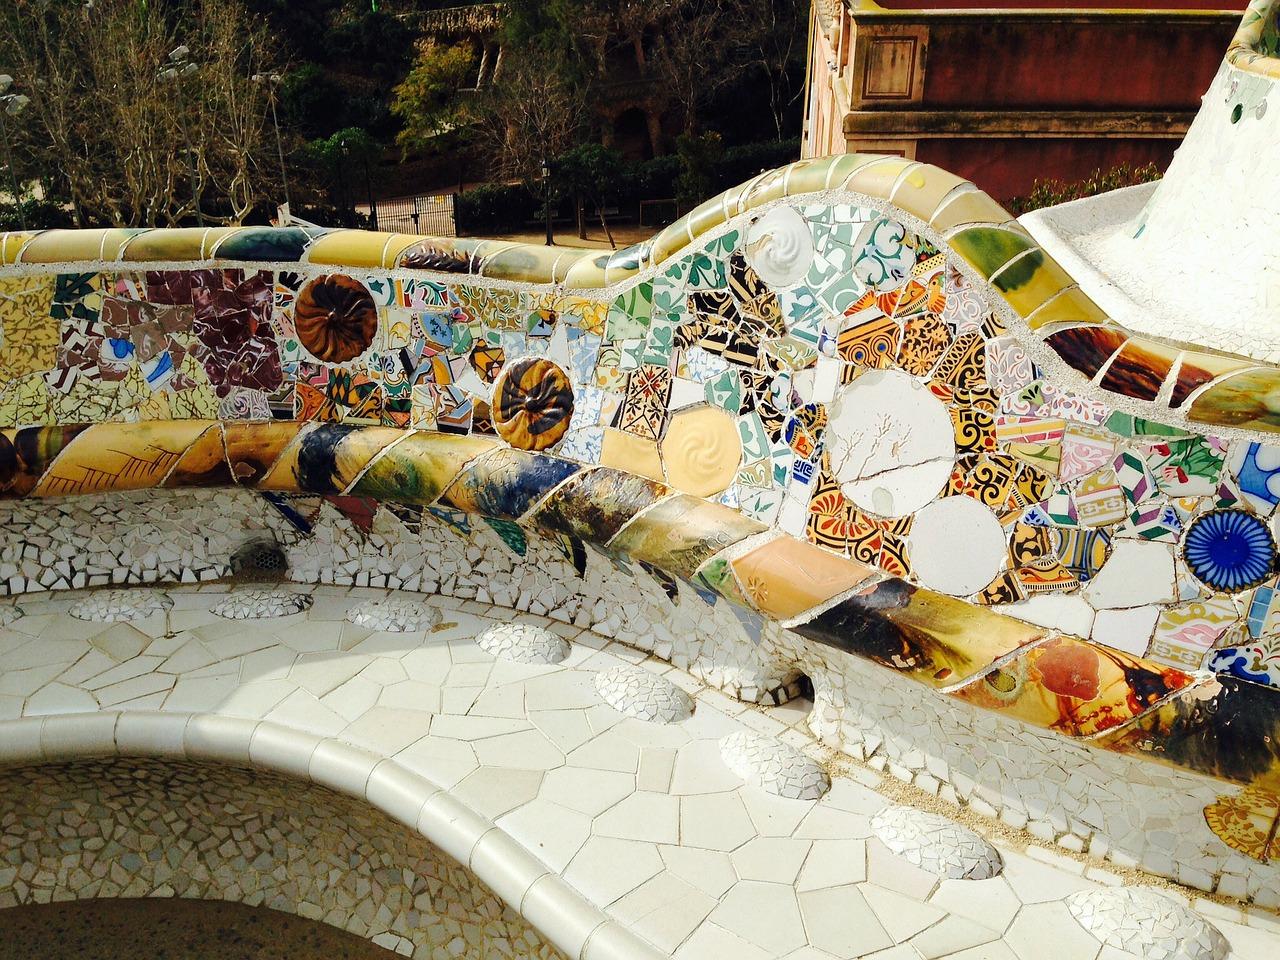 Barcelona Gaudi Park Guell tile details